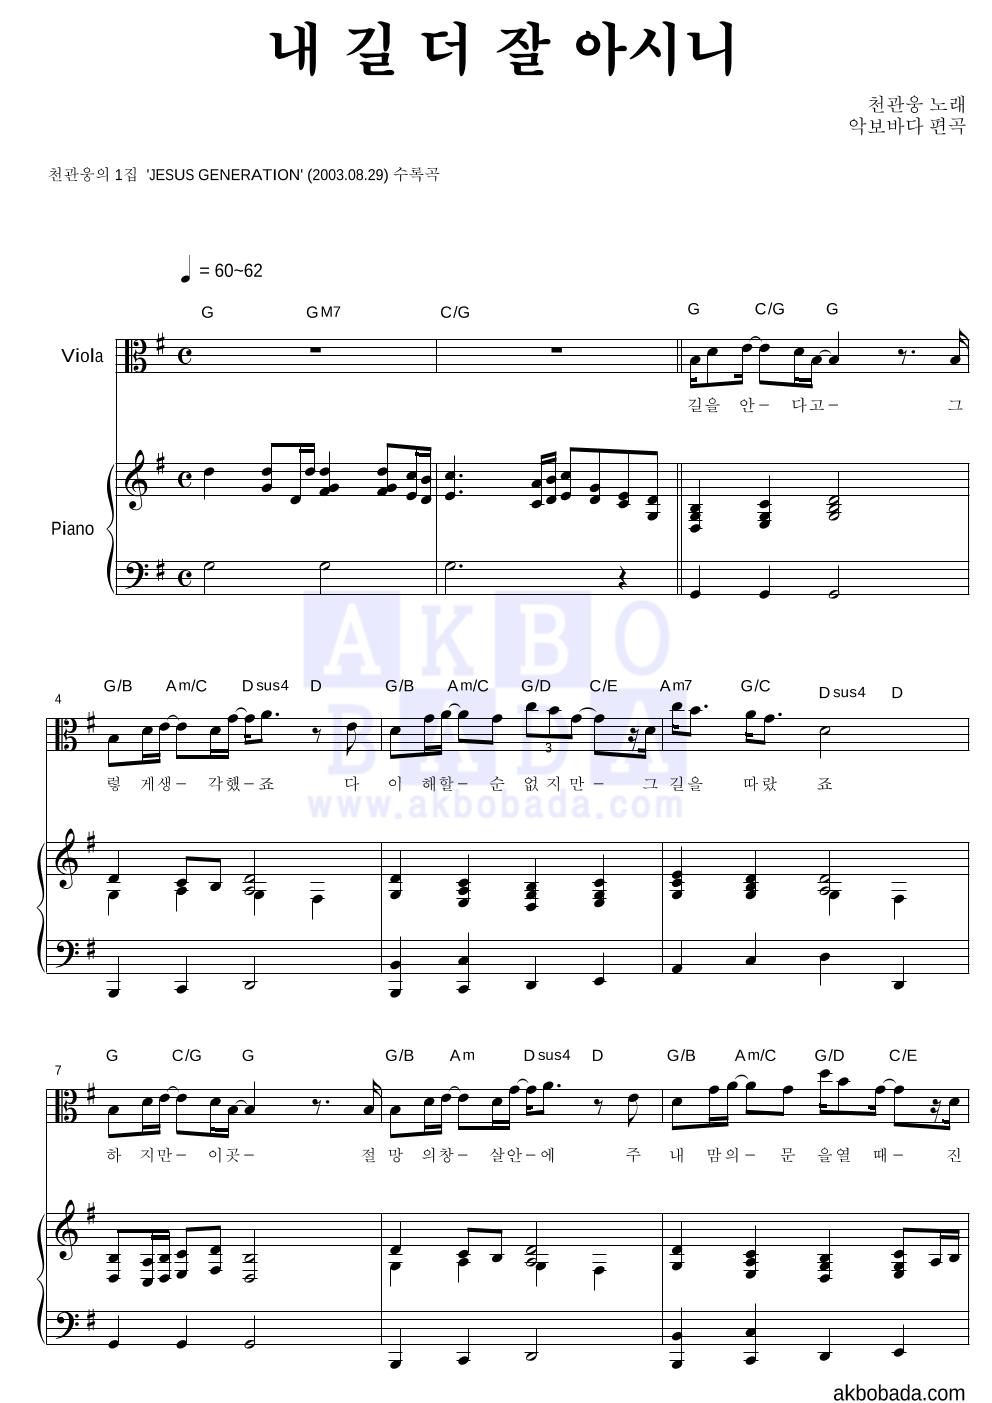 천관웅 - 내 길 더 잘 아시니 비올라&피아노 악보